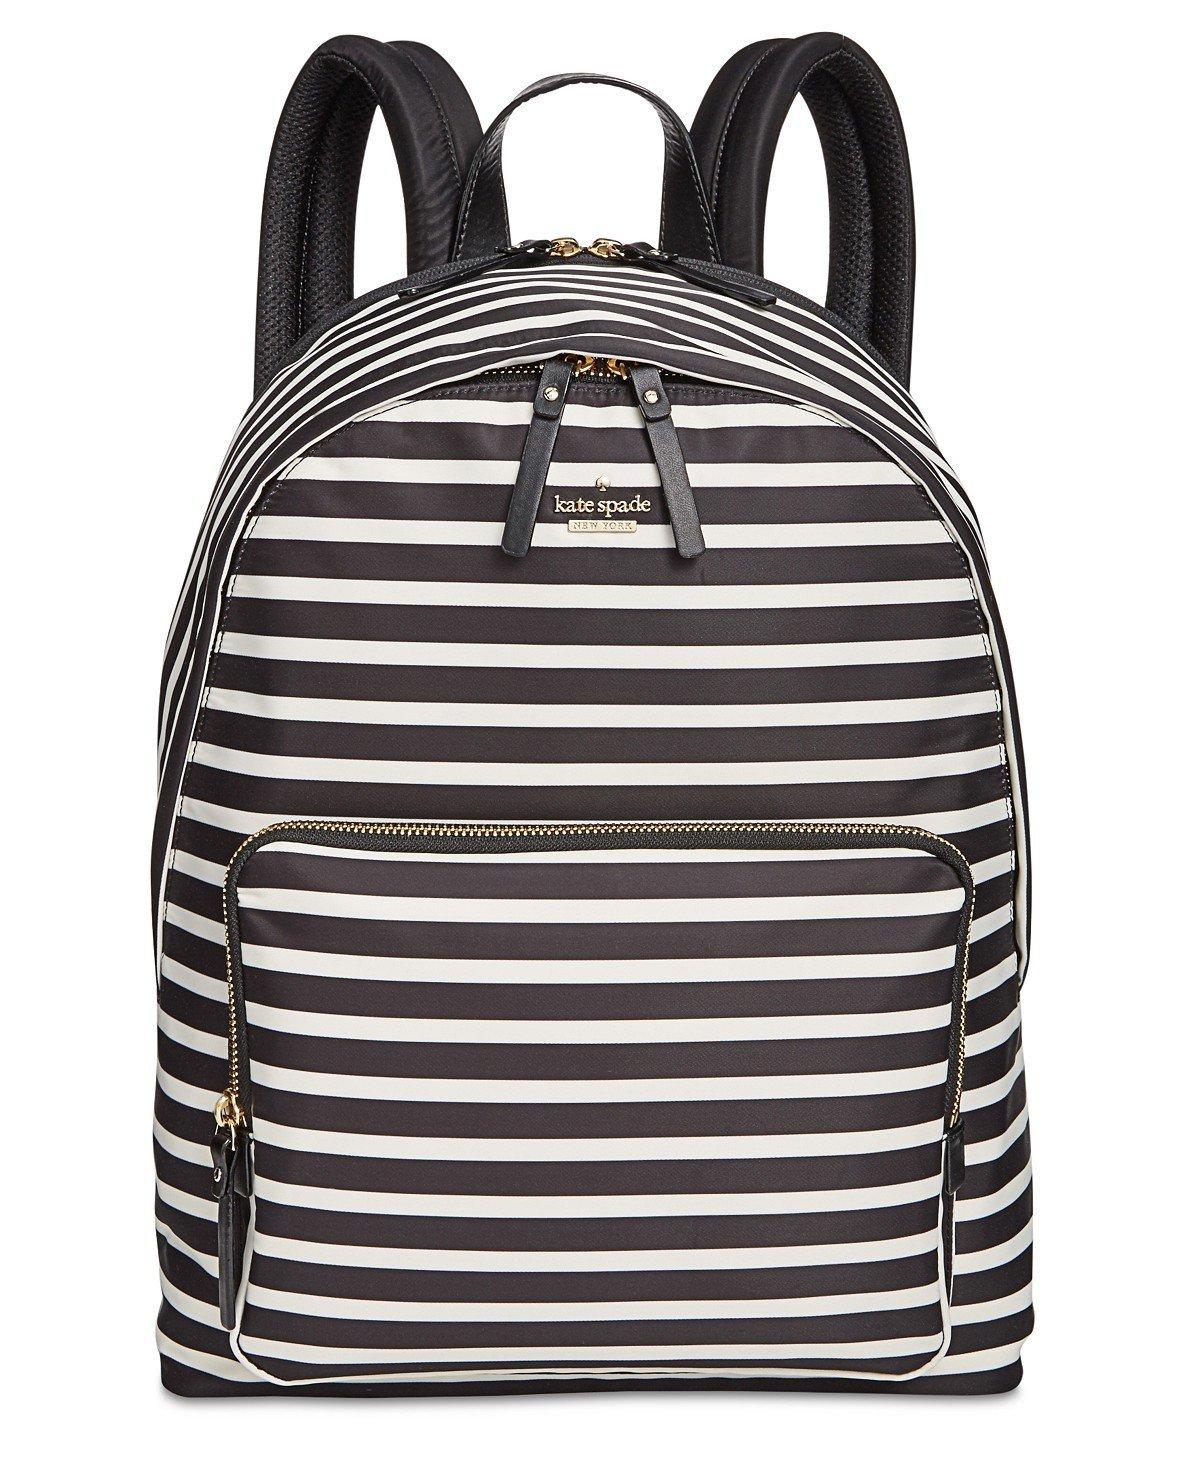 Cute Laptop Backpack